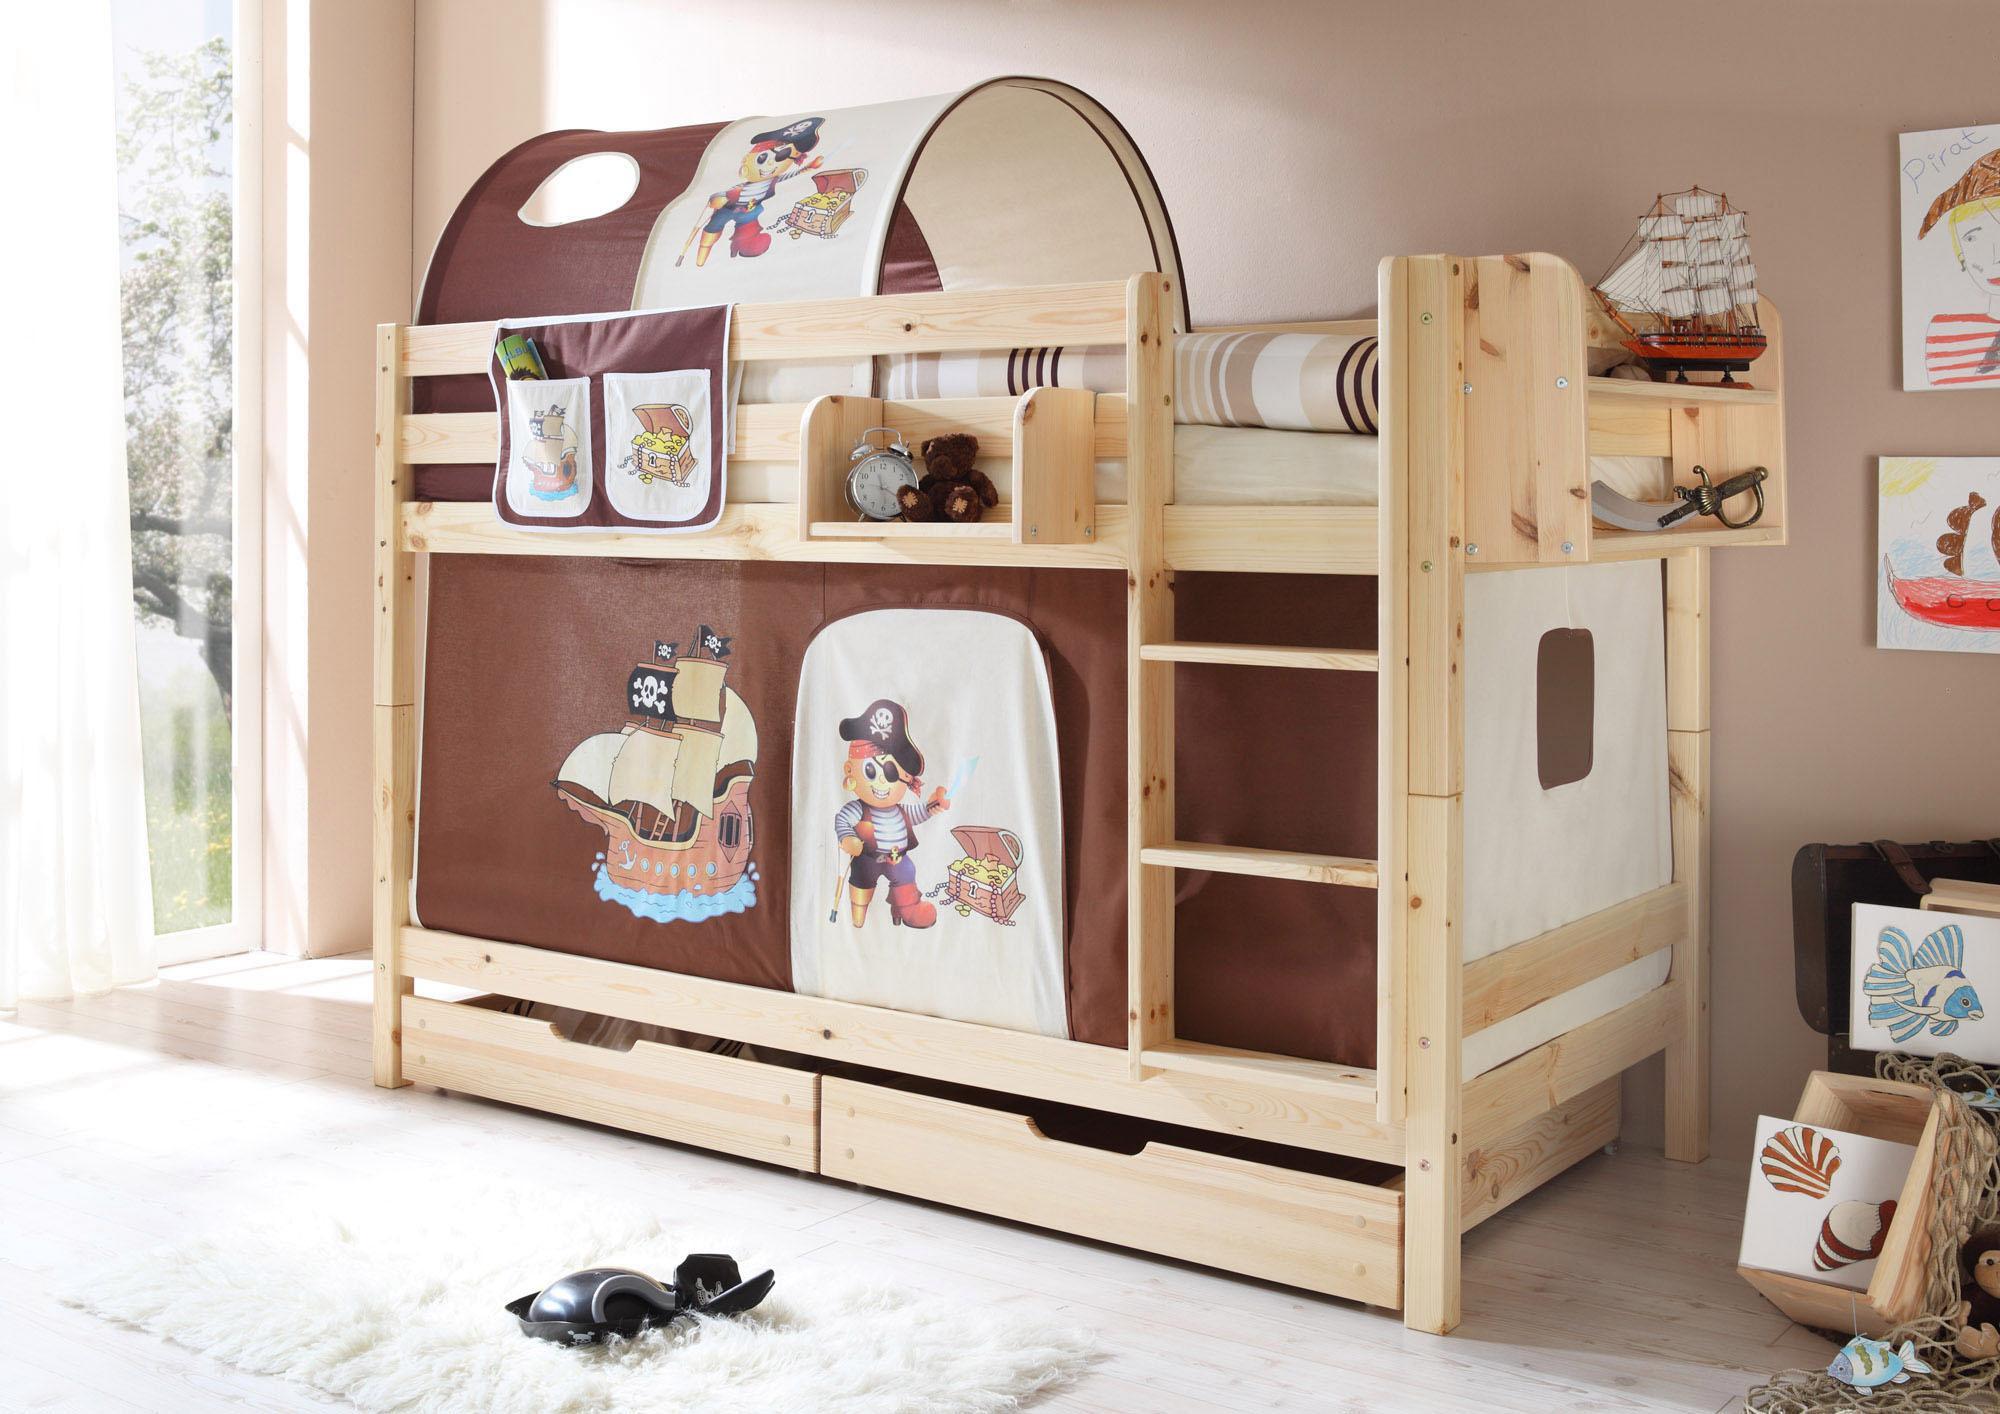 Etagenbett Ticaa Marcel : Natur textil etagenbetten online kaufen möbel suchmaschine